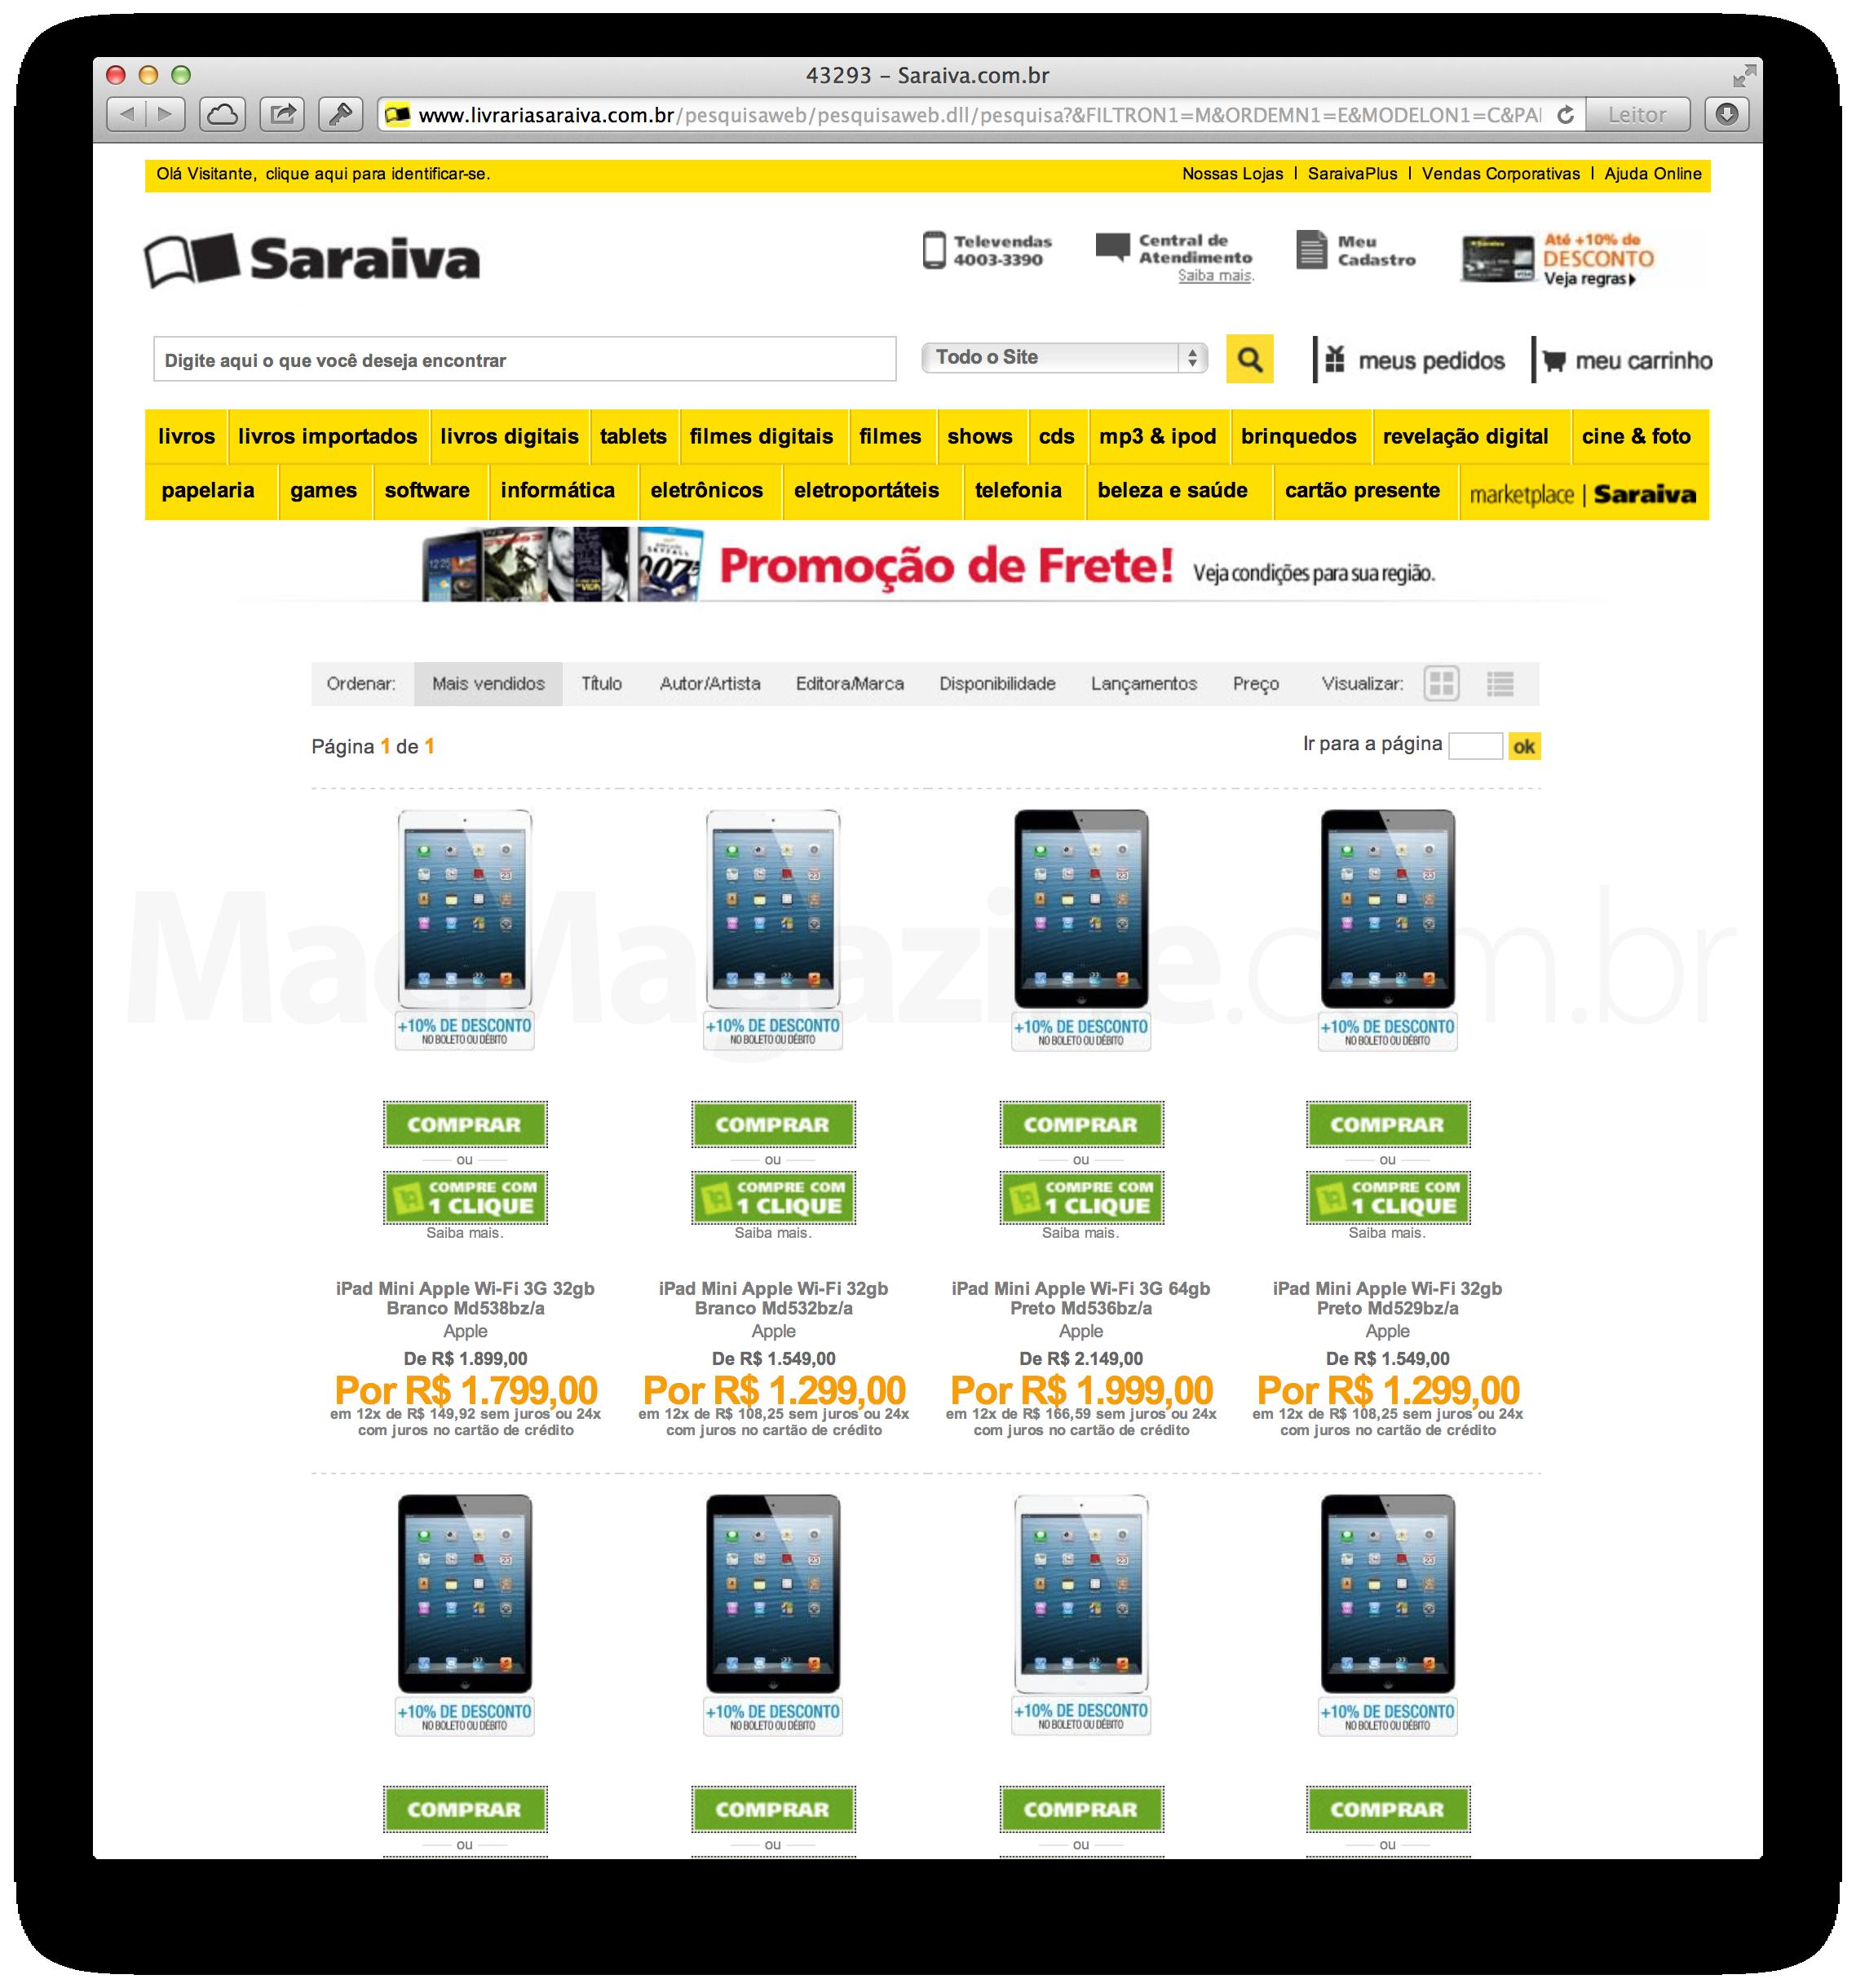 iPads mini em promoção na Saraiva